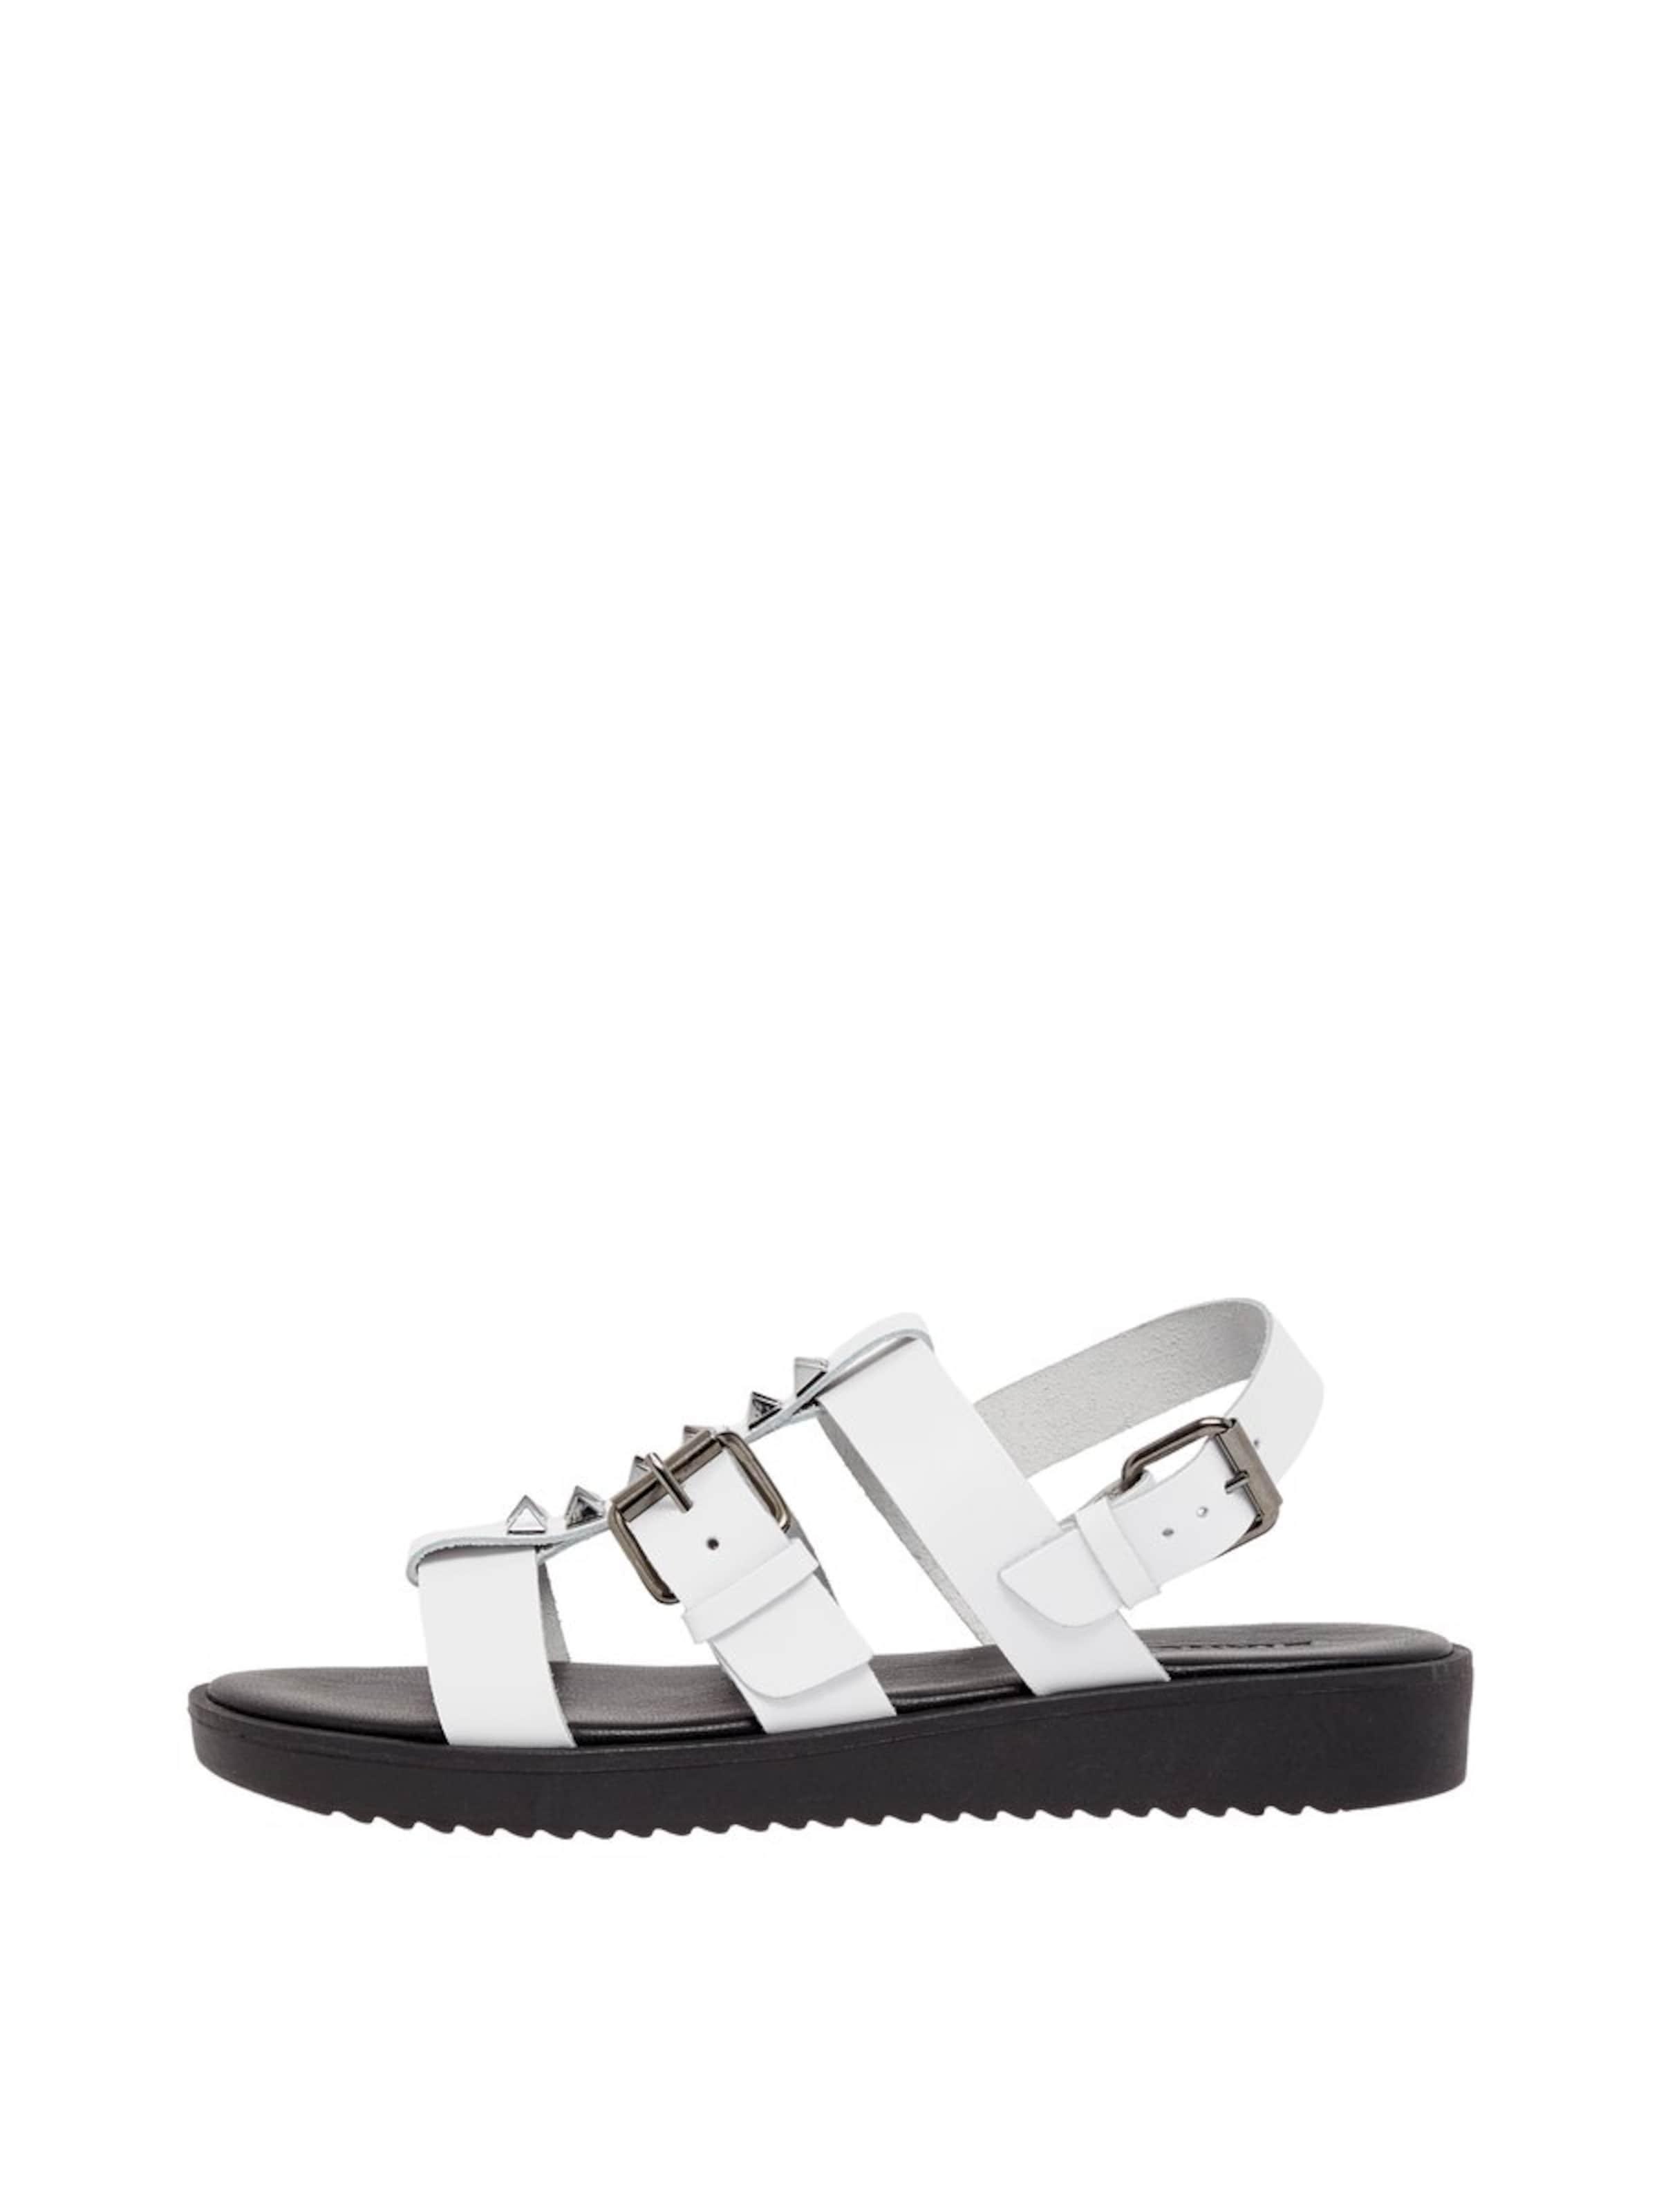 Sandale Bianco Bianco In Sandale SilberWeiß In SilberWeiß In Sandale SilberWeiß Bianco j4ARc35Lq